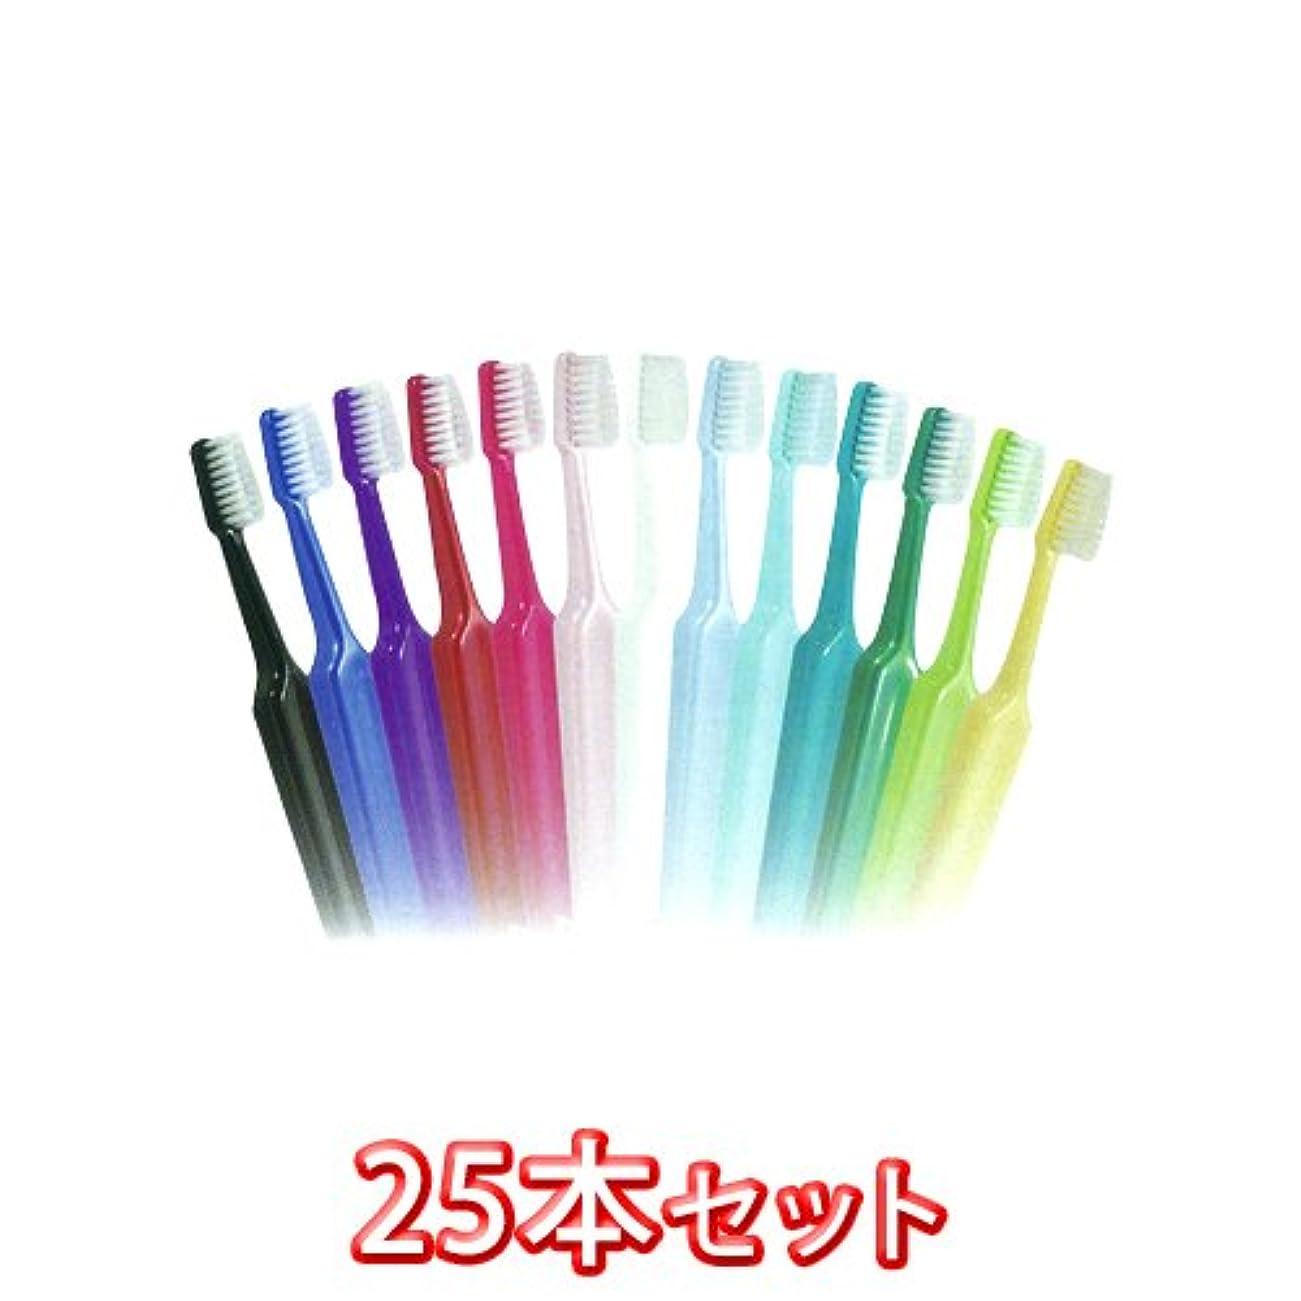 別のエゴマニアハリケーンTePeテペセレクトコンパクト歯ブラシ 25本(コンパクトソフト)